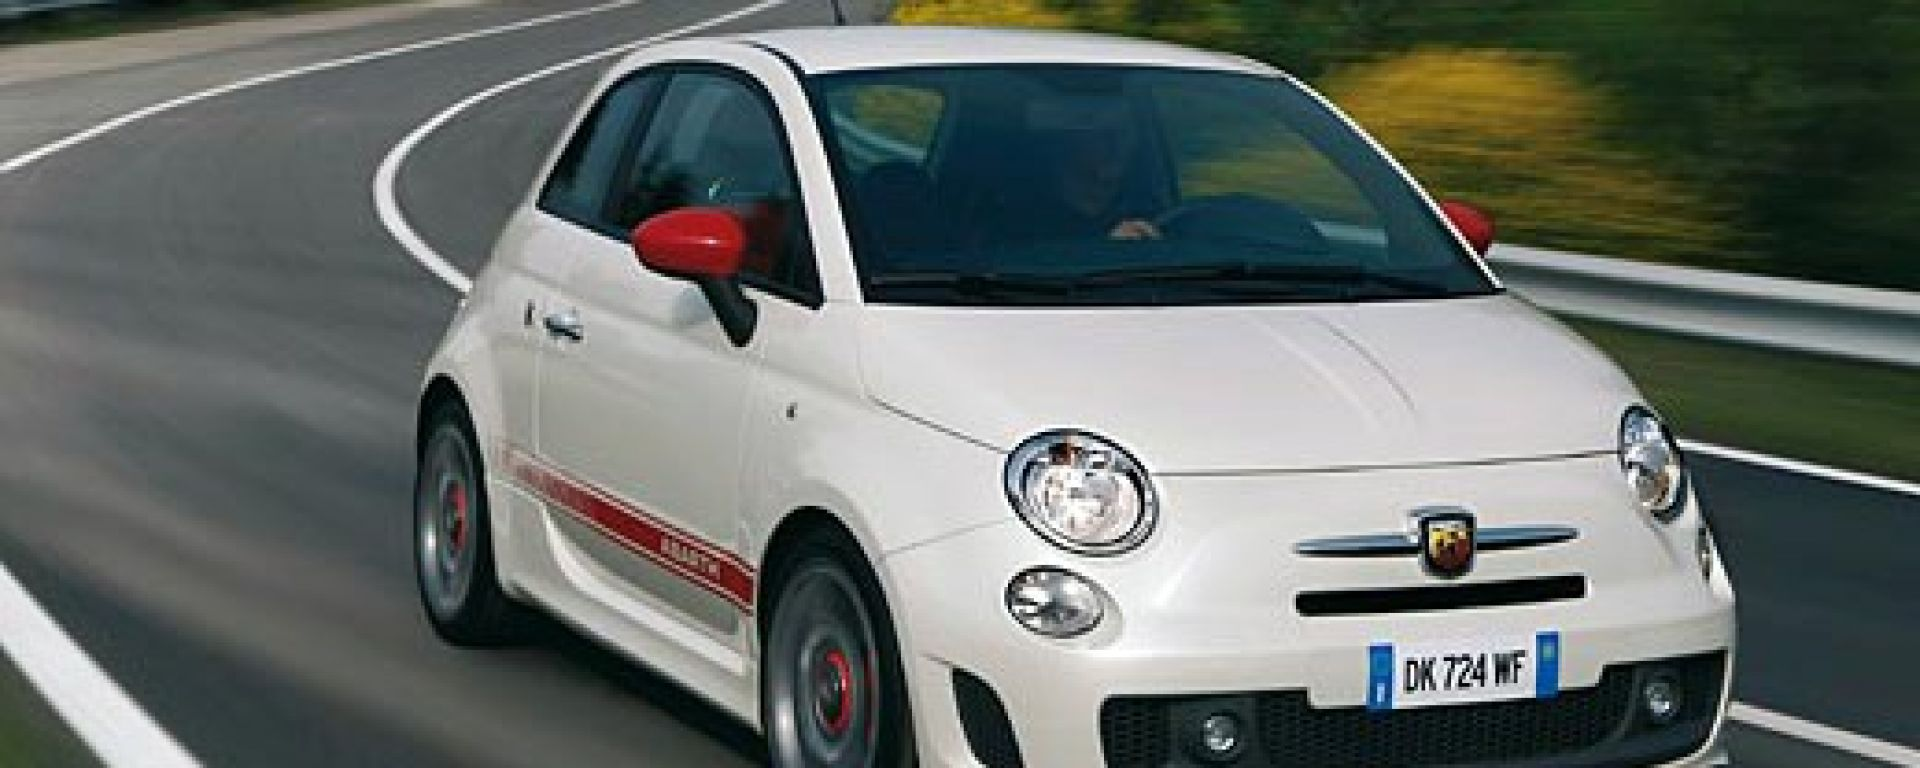 Jet Privato Listino Prezzi : Fiat abarth ss scheda tecnica storia del veicolo